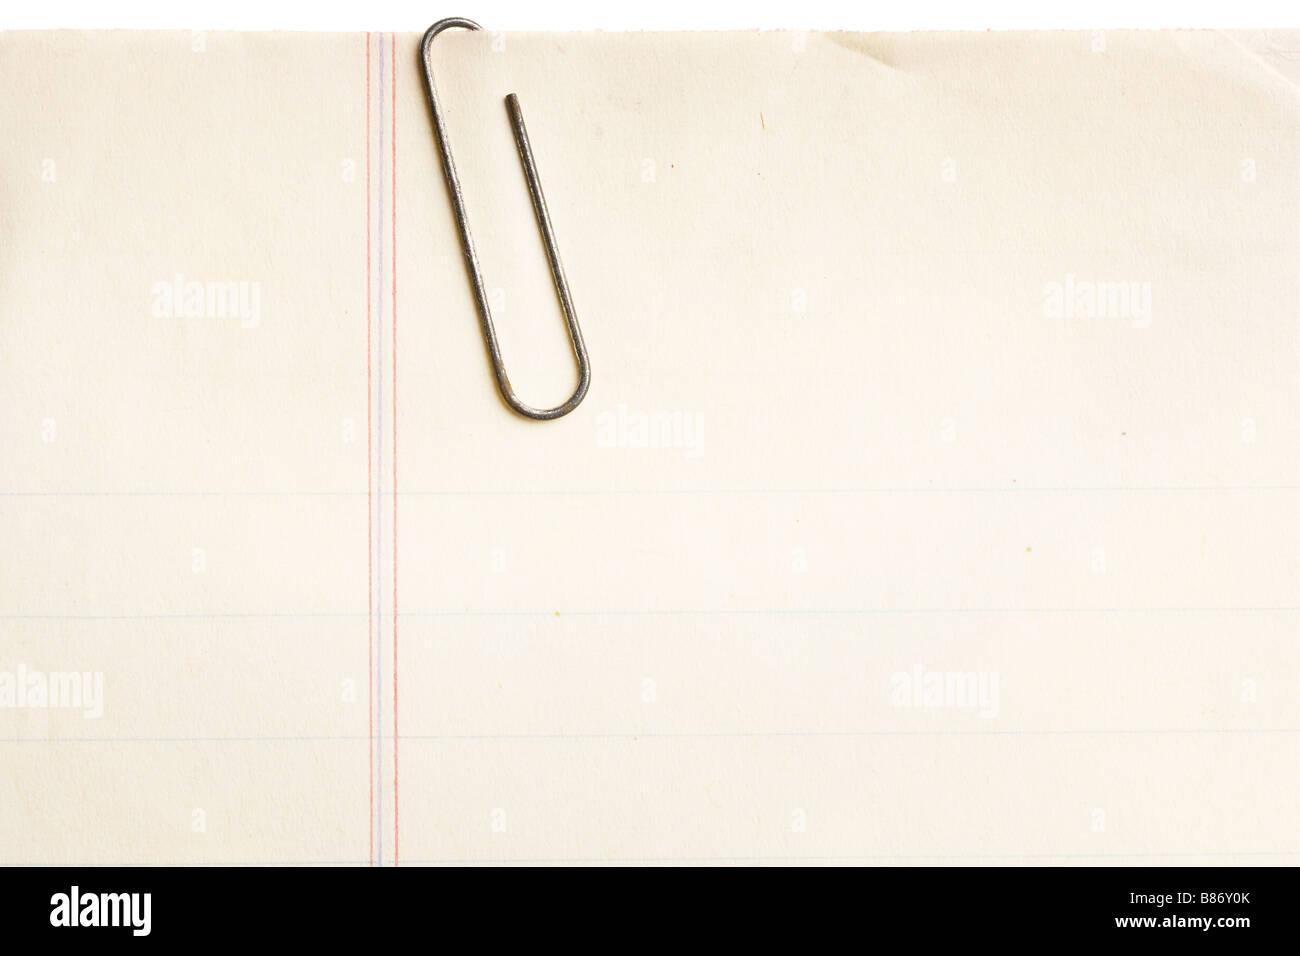 vieux papier ligne avec rusty trombone attache b86y0k vieux papier ligné avec rusty trombone attaché banque d'images